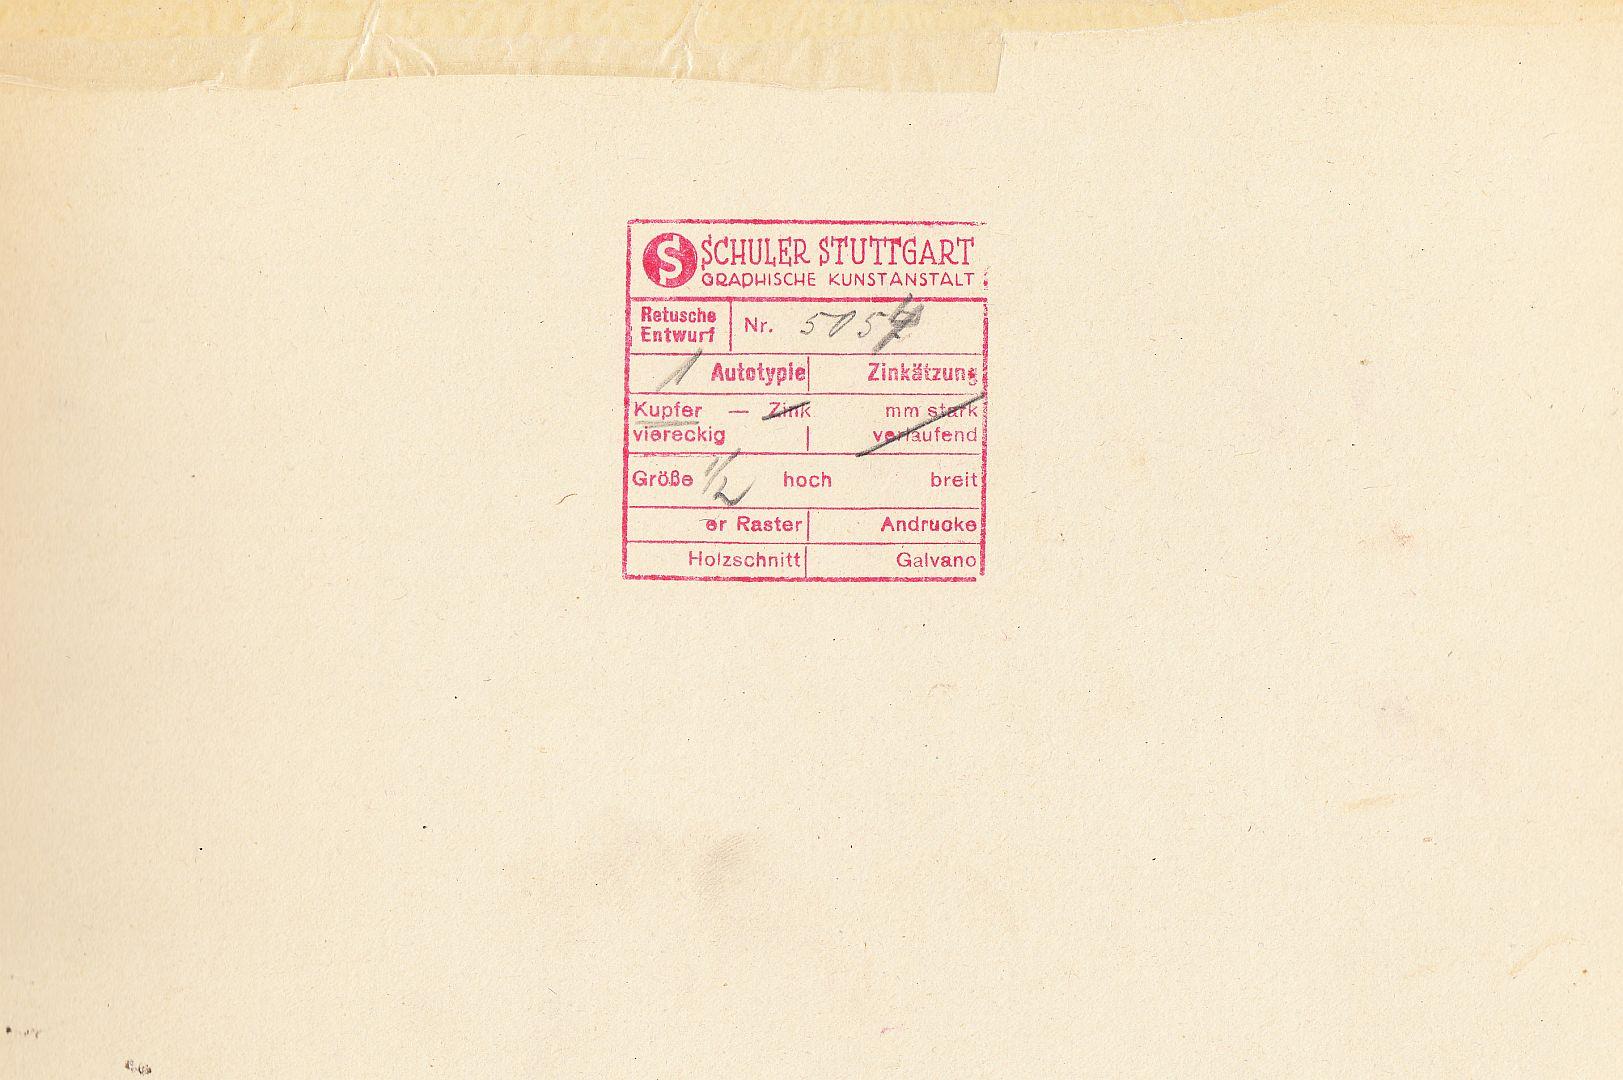 Horch_350_Reutter_1928_Rückseite